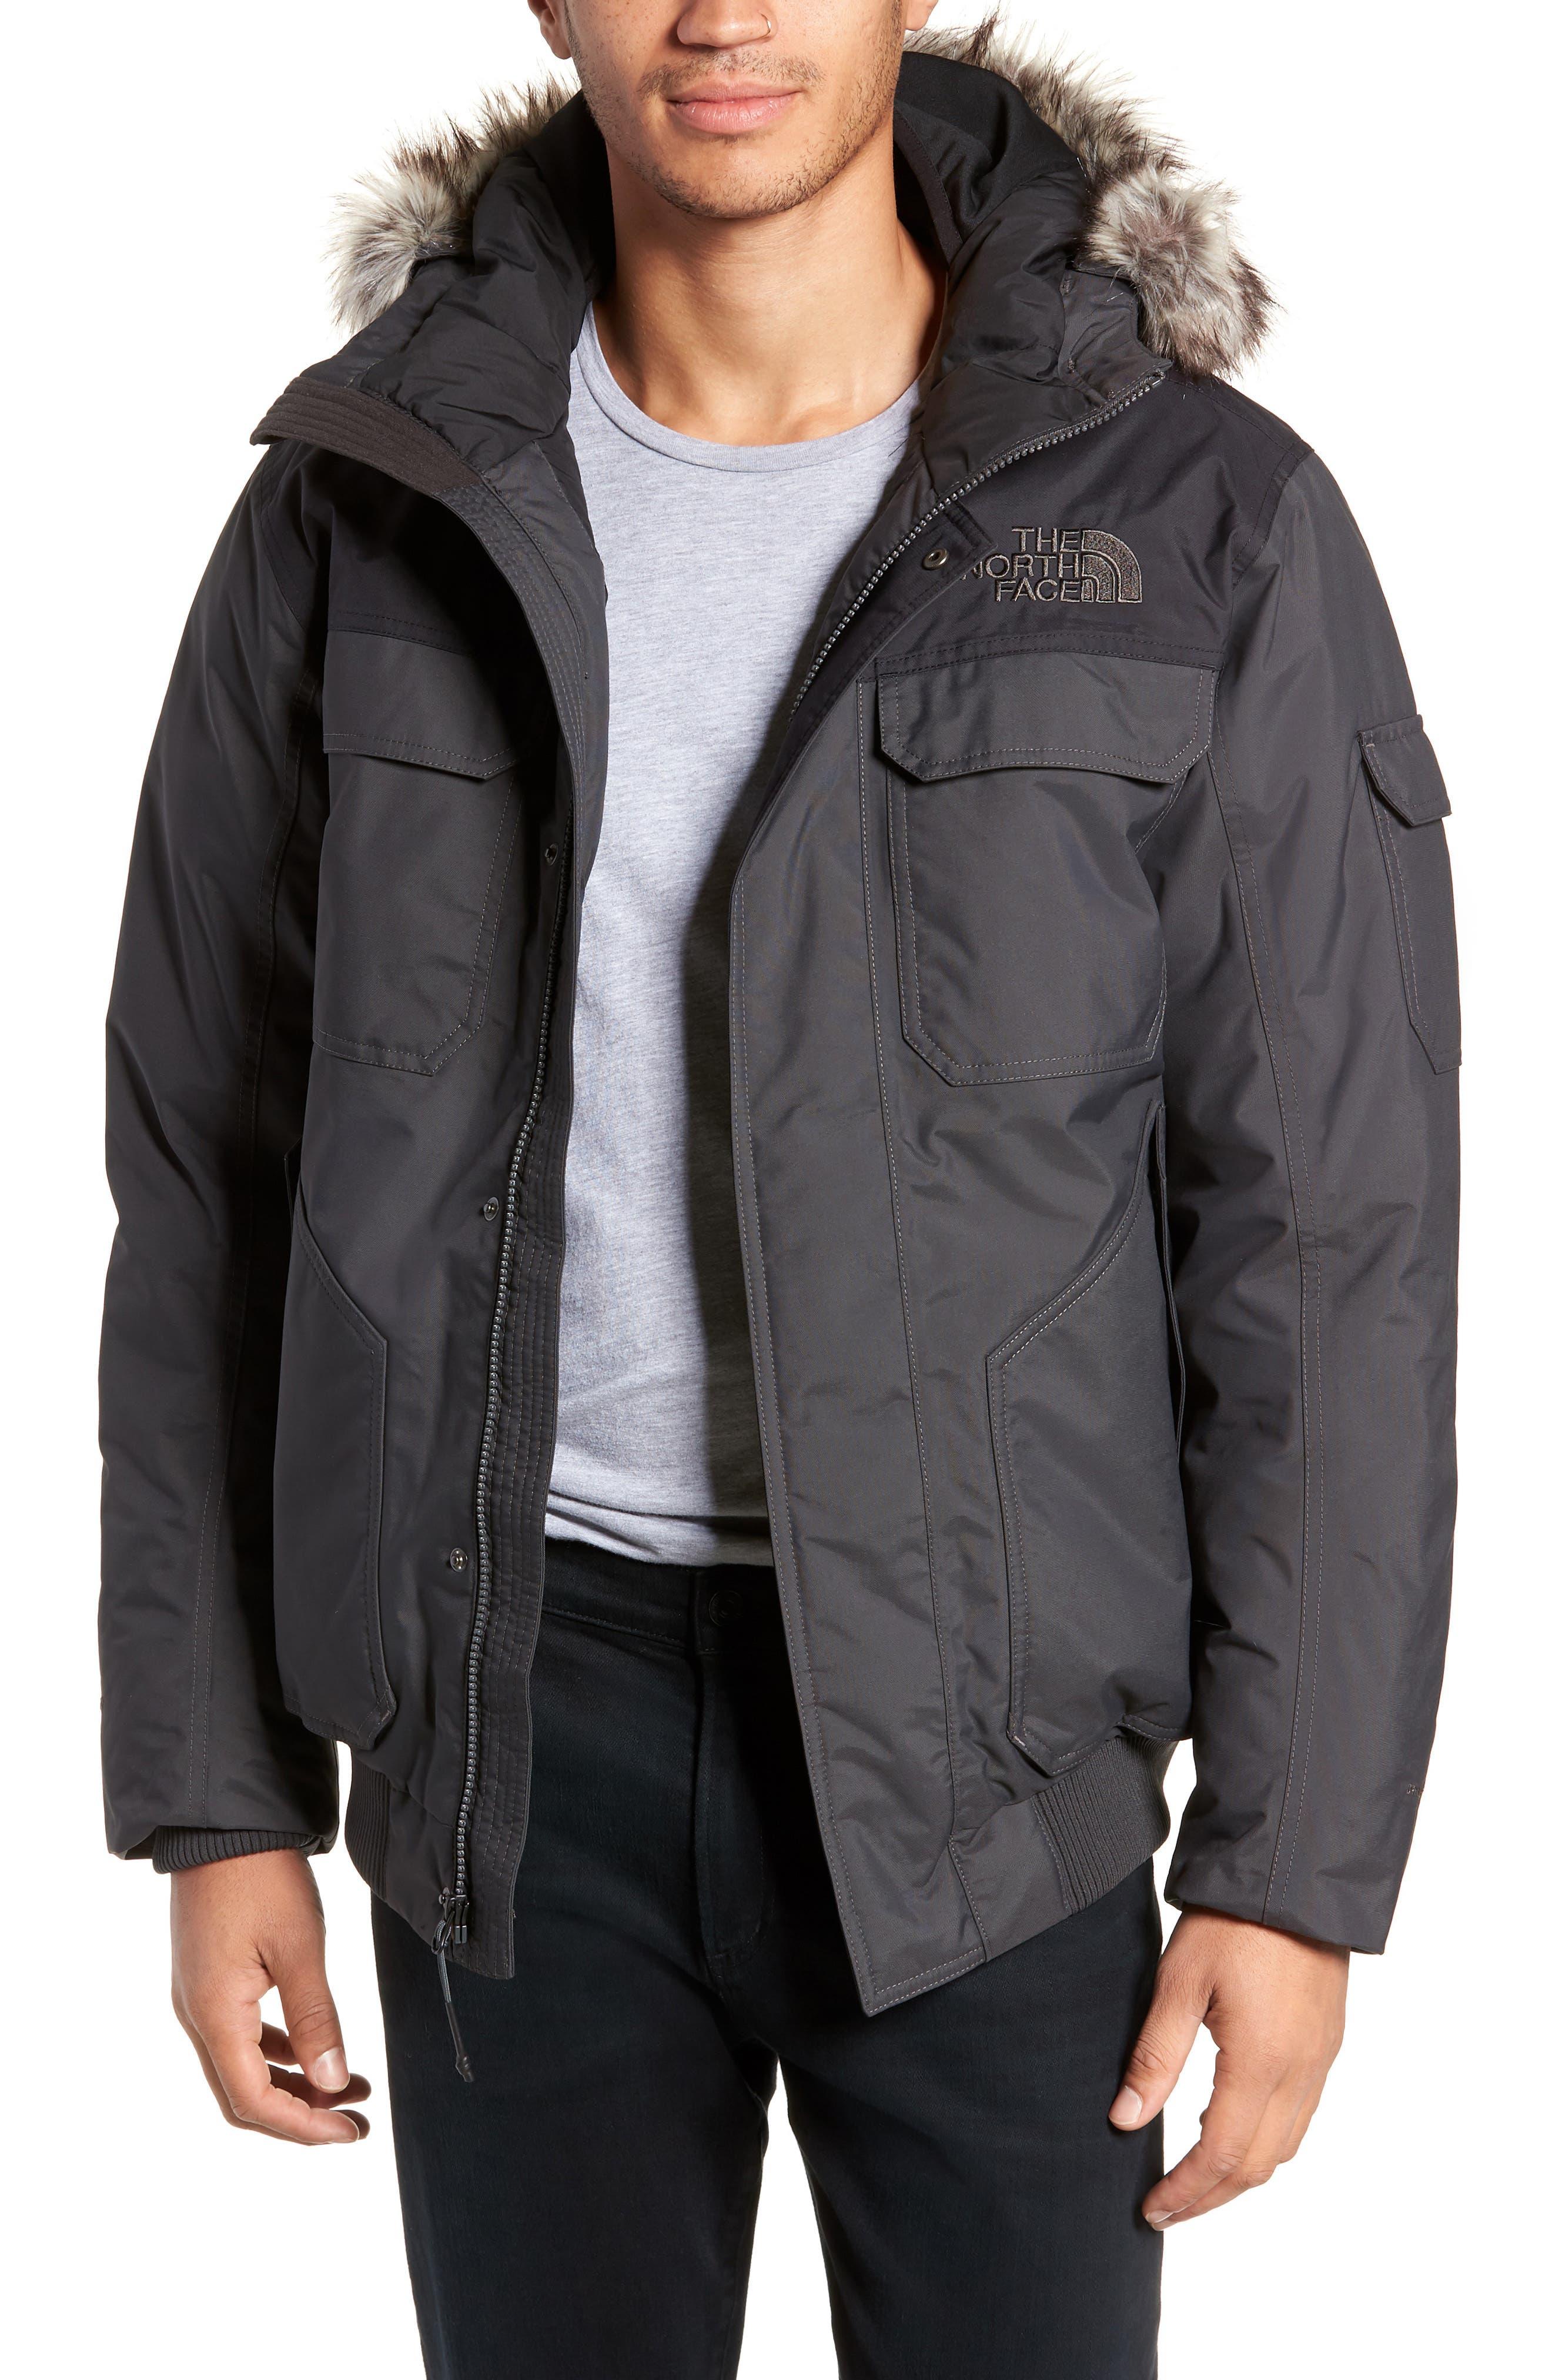 Gotham III Waterproof Down Jacket,                         Main,                         color, ASPHALT GREY/ TNF BLACK